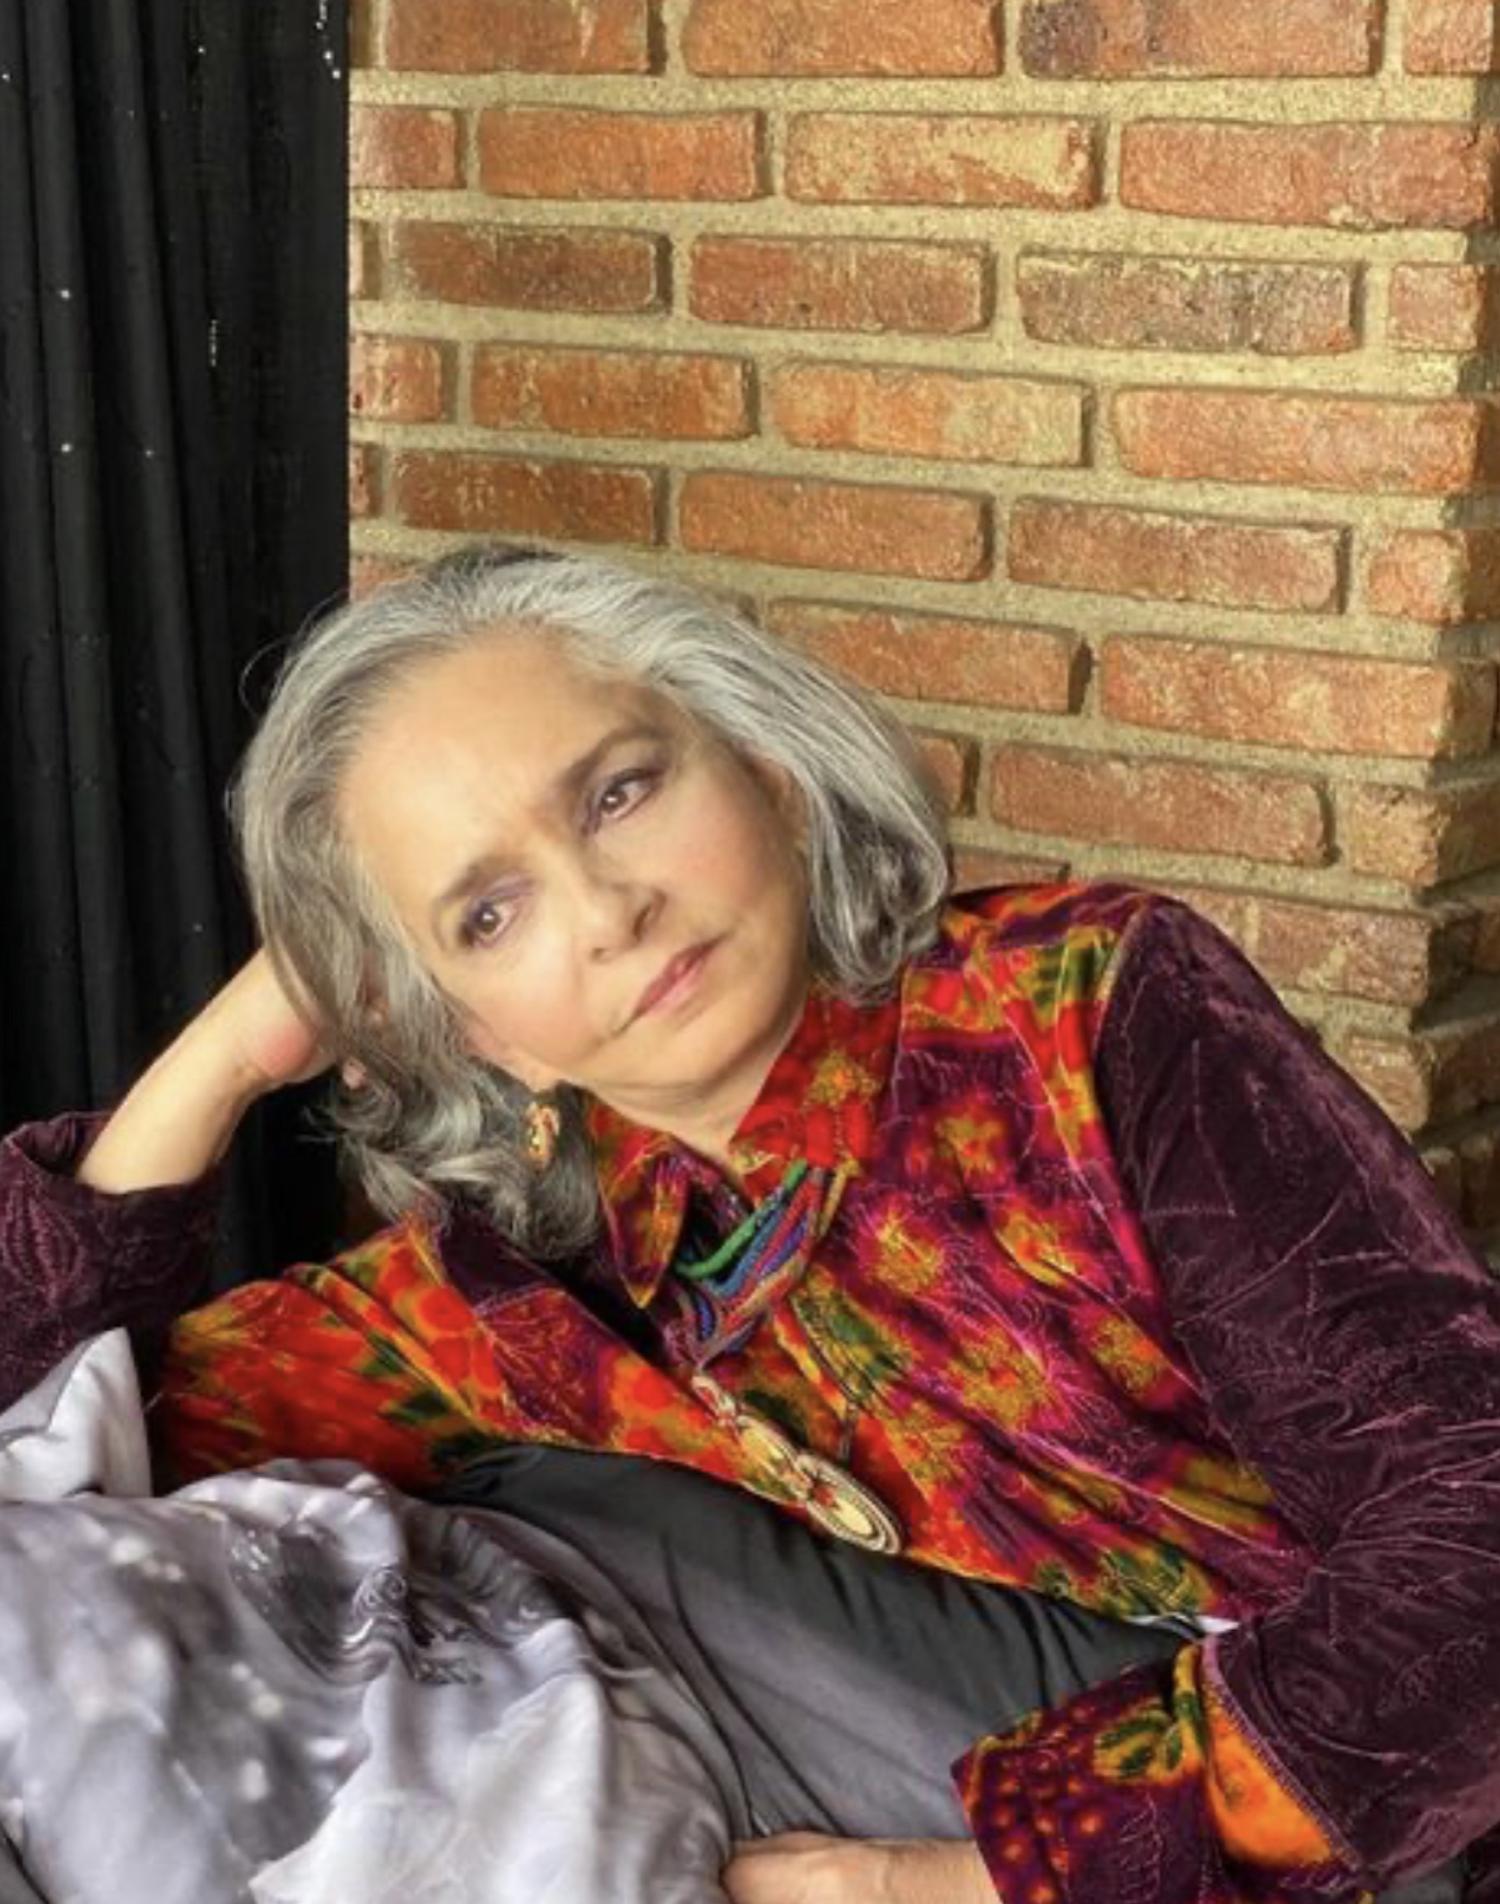 Ana Martin